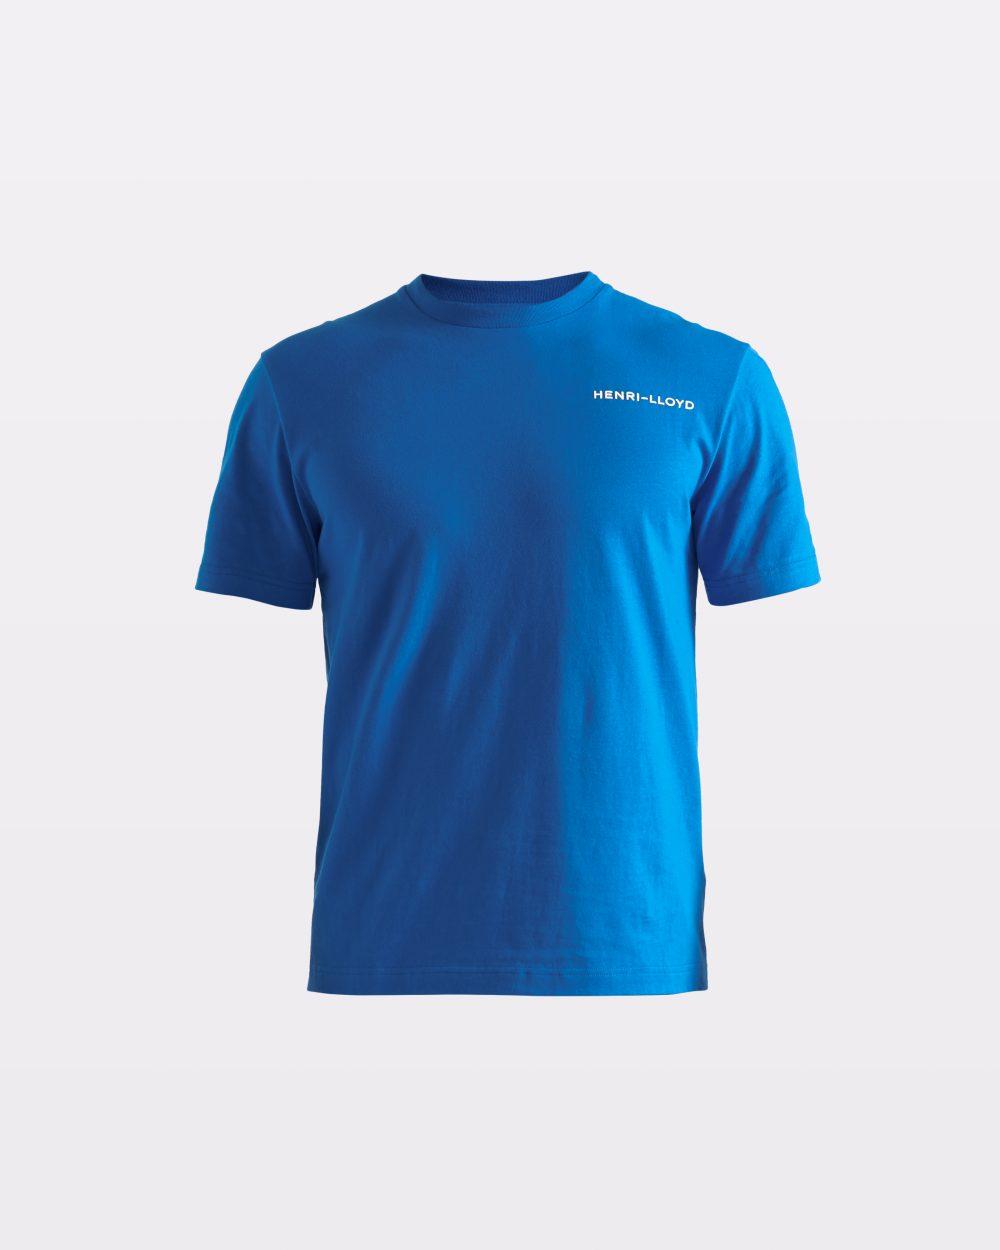 Miesten kirkkaansininen t-paita RWR-logolla